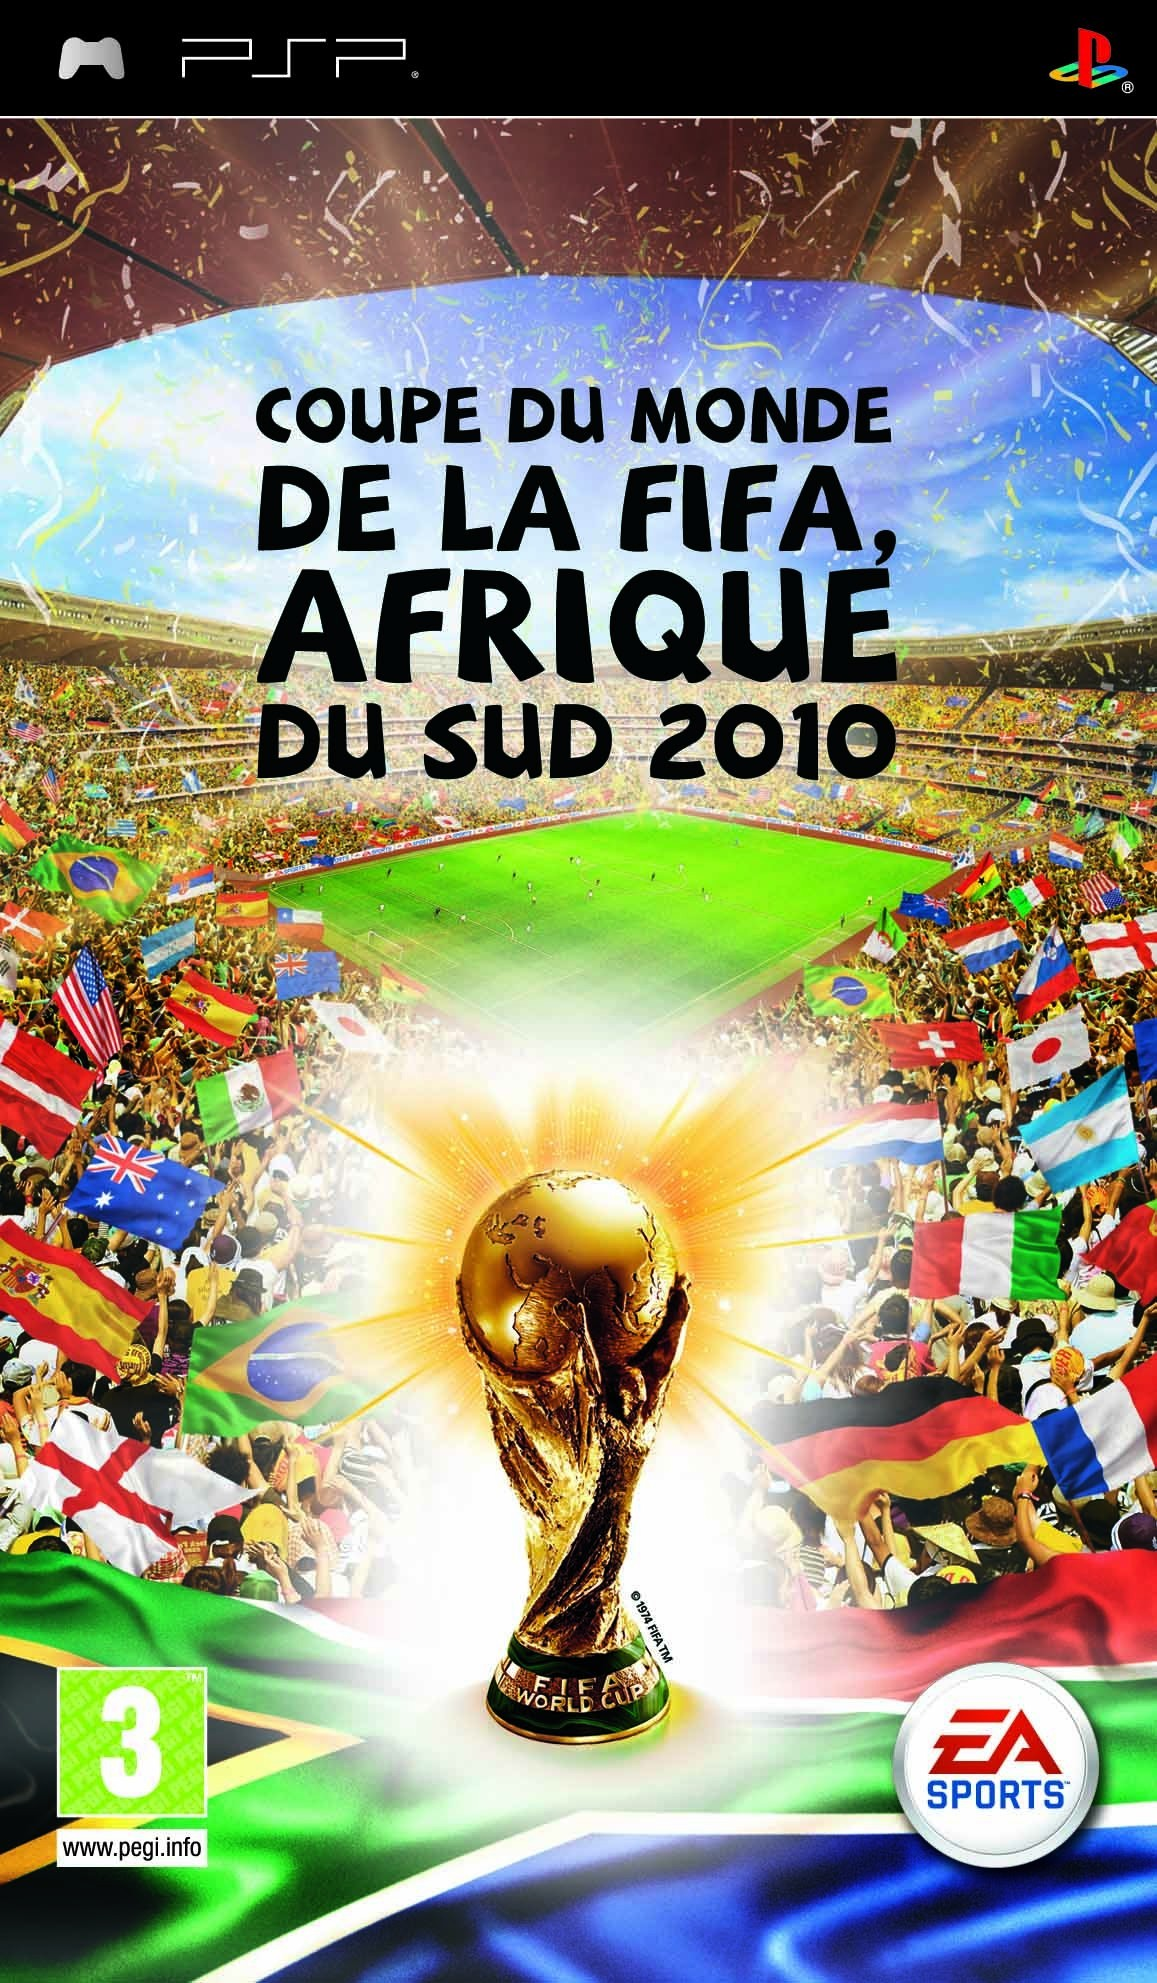 Coupe du monde de la fifa afrique du sud 2010 annonc en images - Coupe du monde foot afrique du sud ...